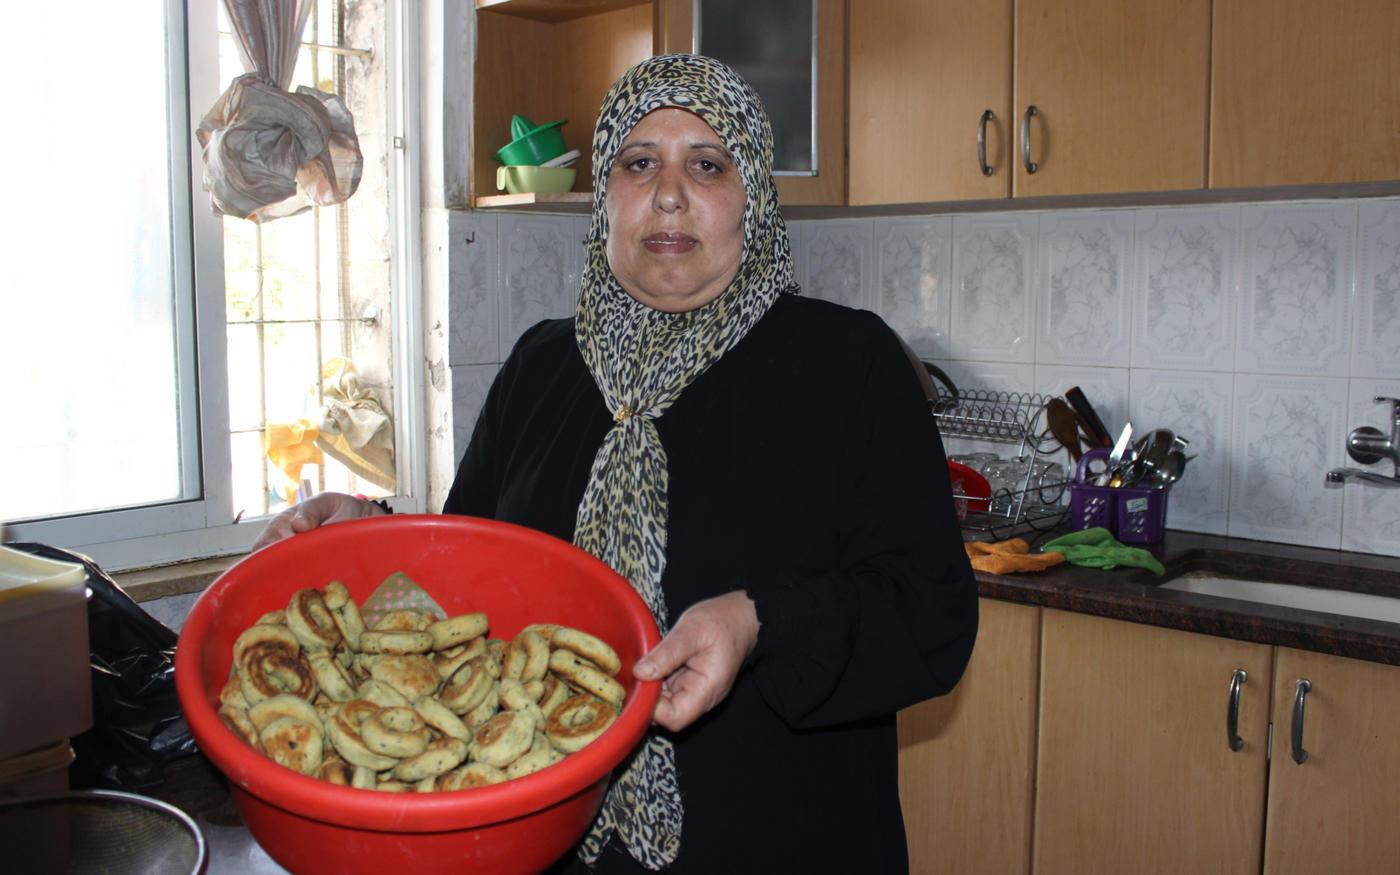 Nuha Attieh présente les biscuits qu'elle a préparés pour les activistes (MEE/Aseel al-Jundi)